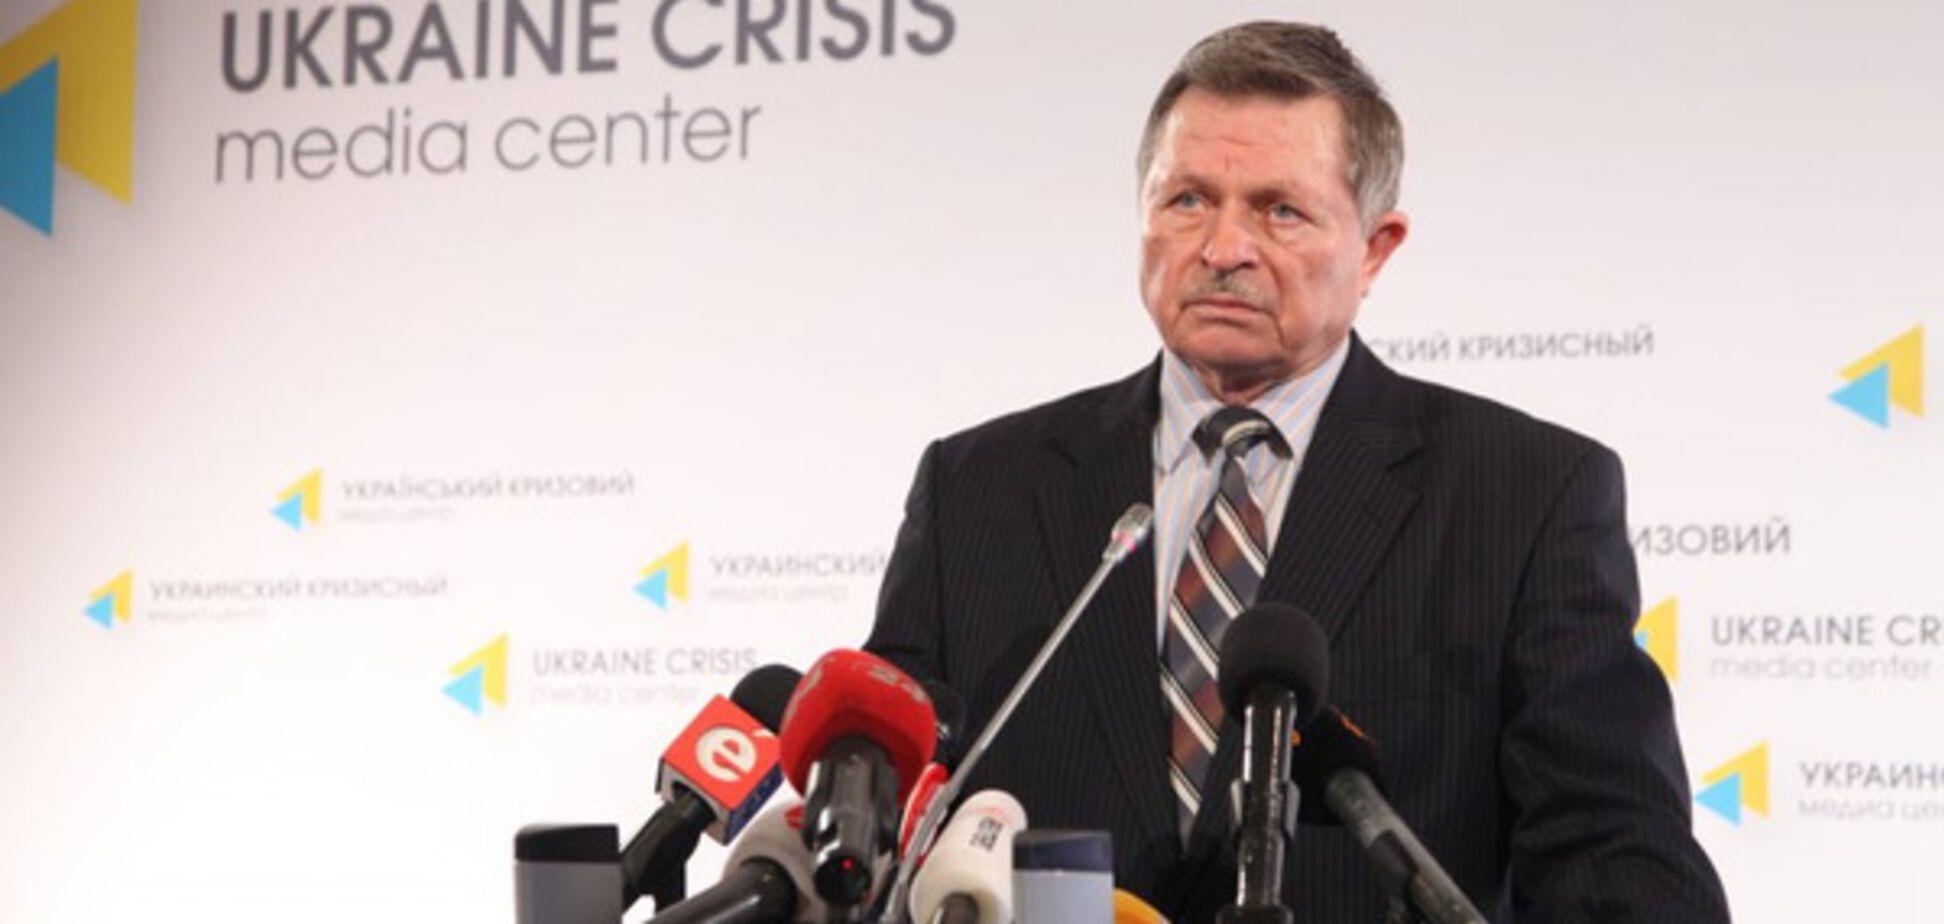 Силова реакція РФ на Донбасі обумовлена двома факторами - генерал